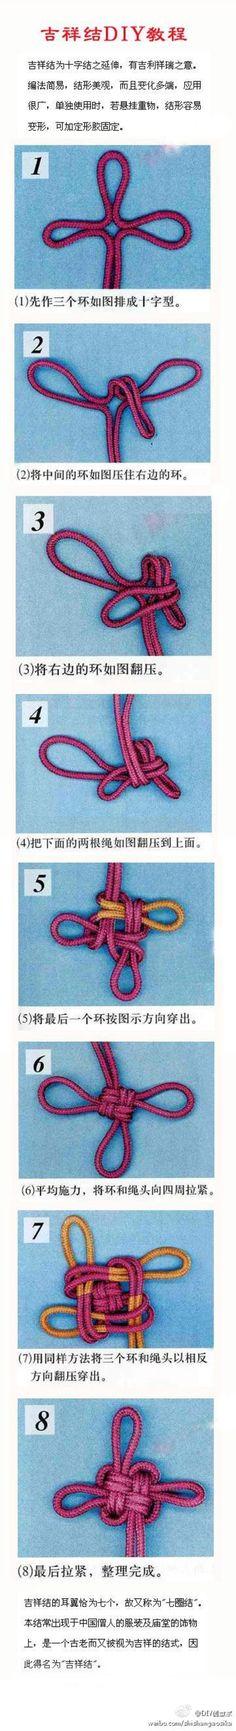 吉祥结DIY创ø……_来自庞克的图片分享-堆糖